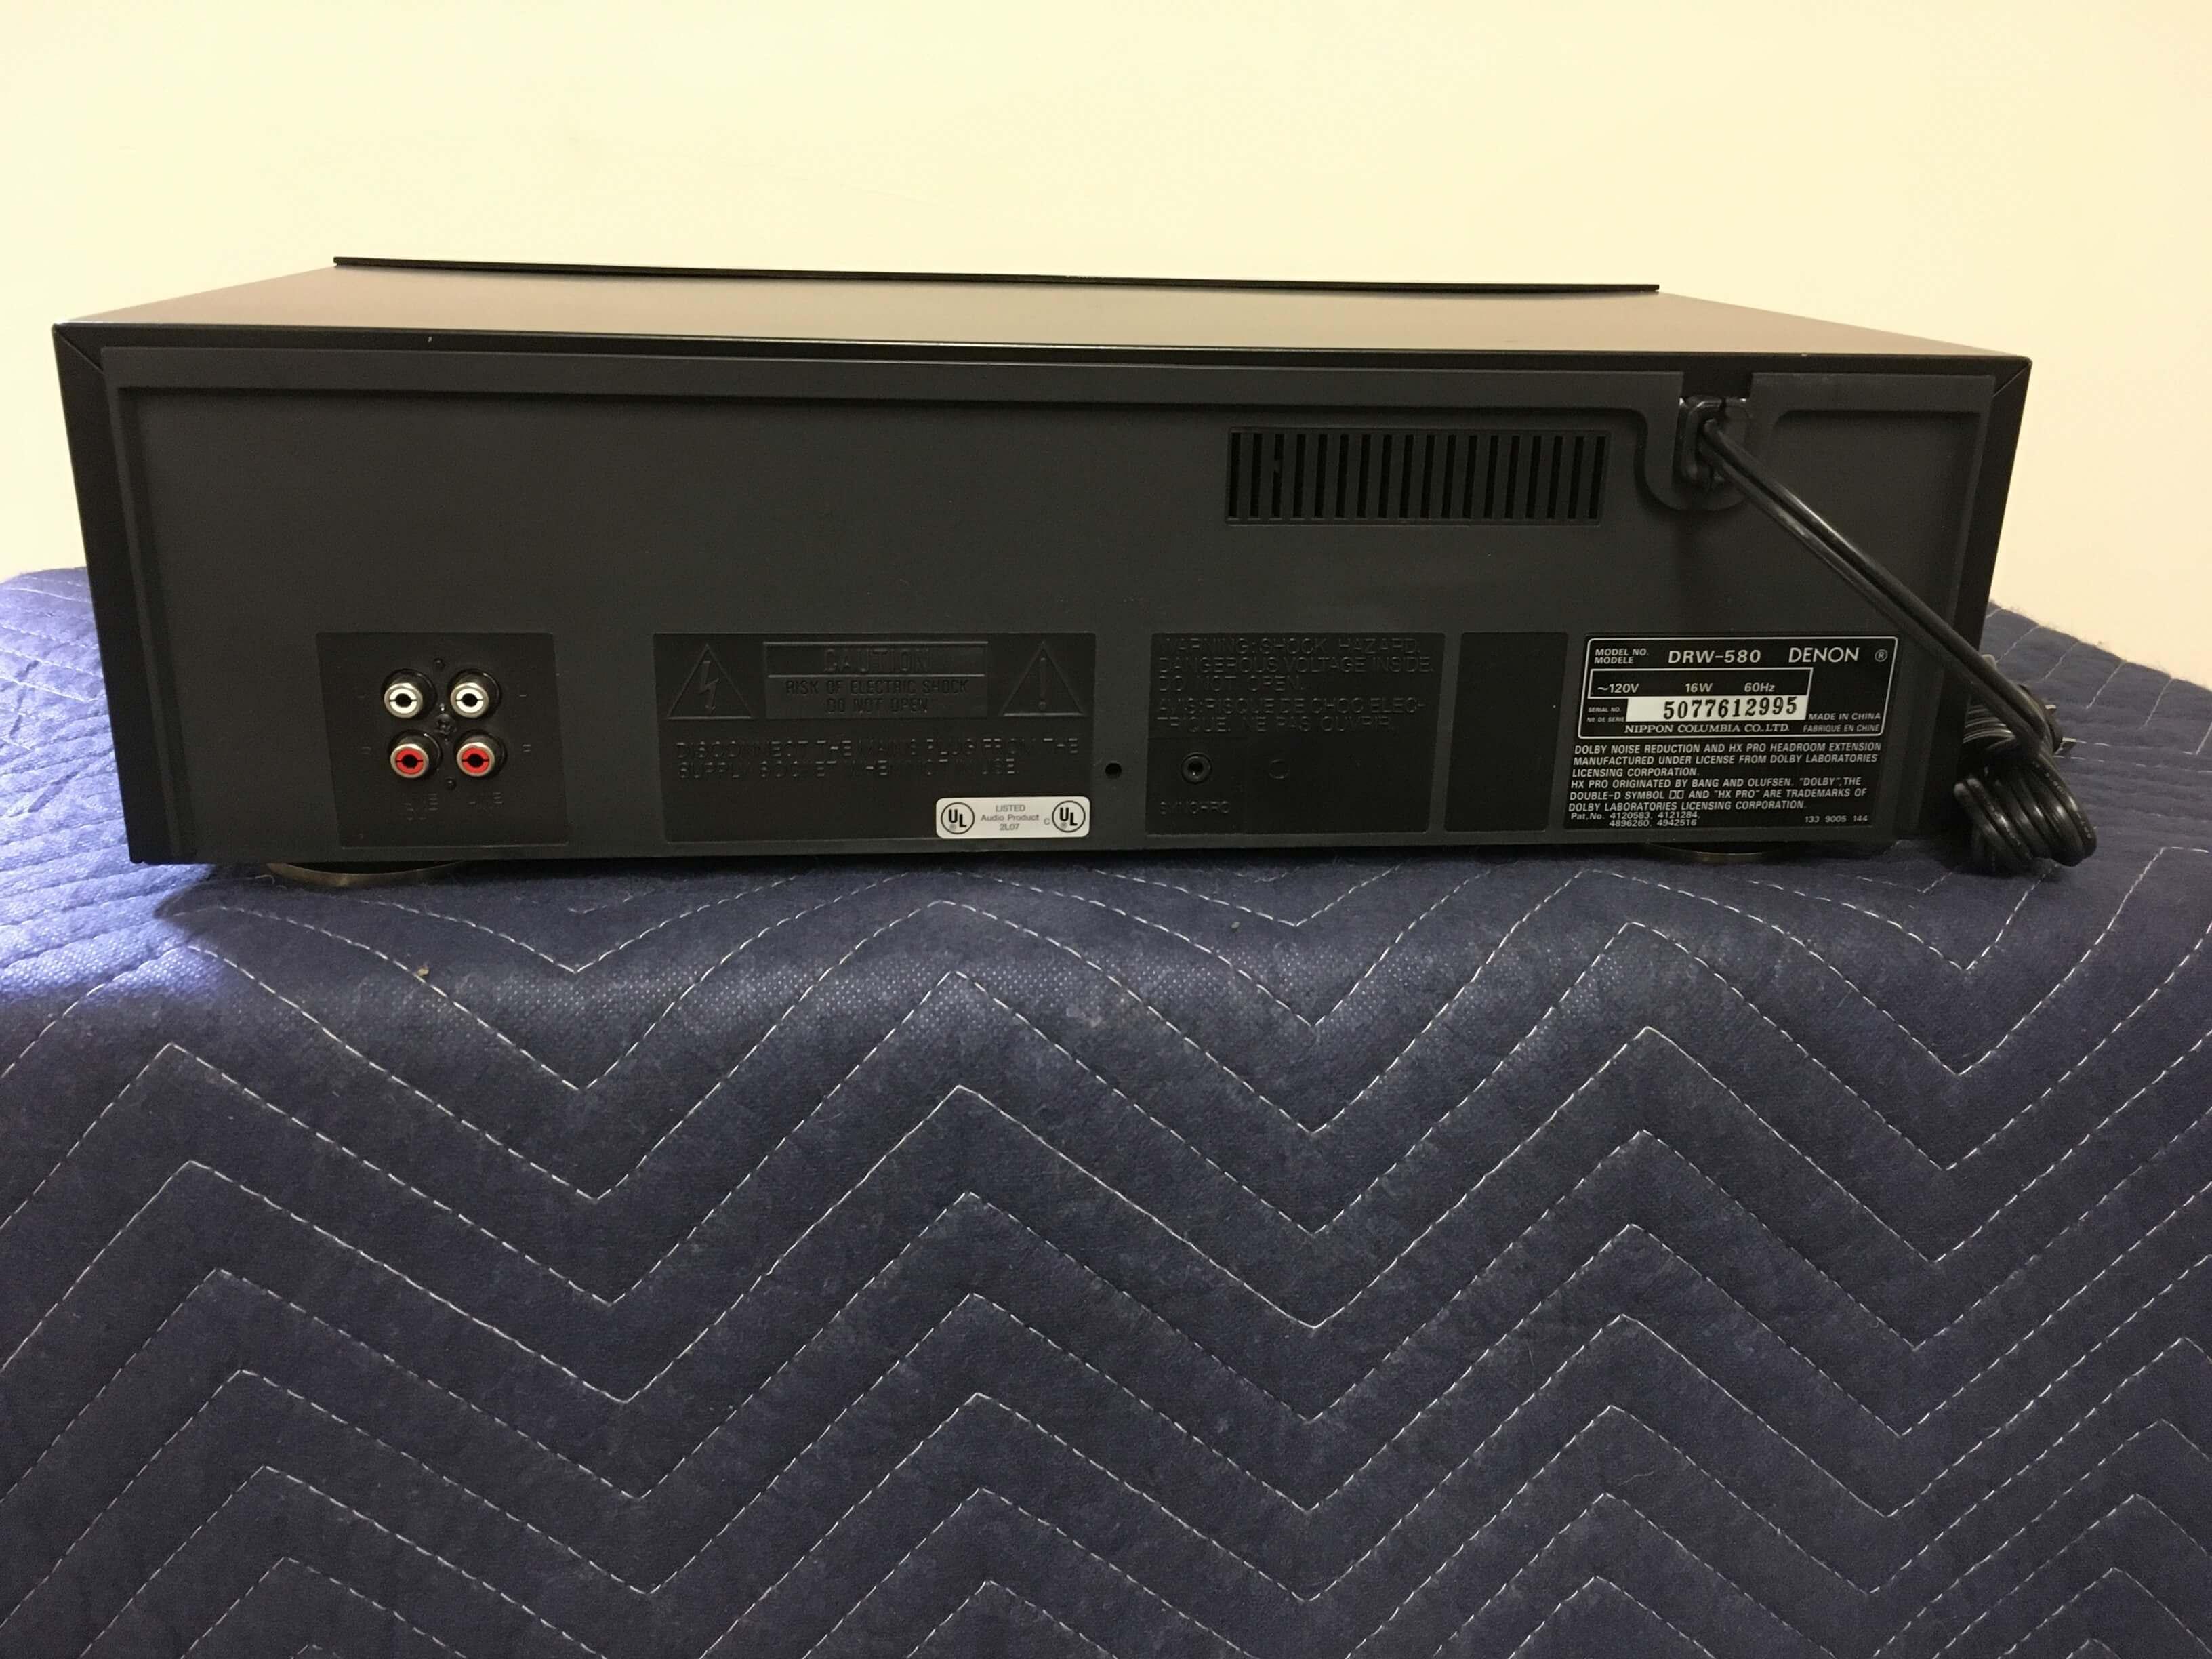 Denon DRW-580 double cassette deck